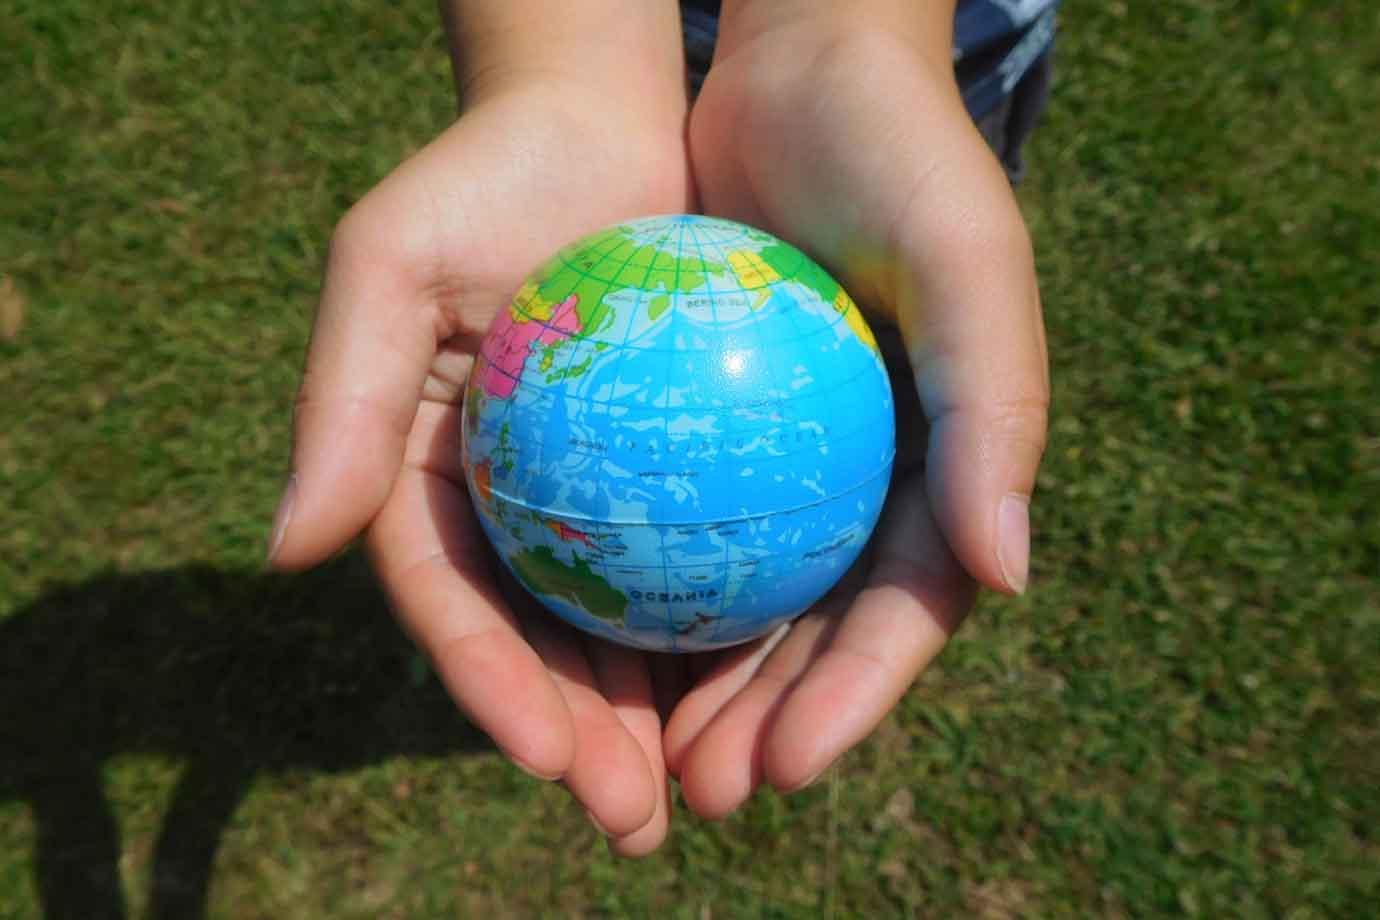 グローバル化が進む中、子どもに海外でも通用する名前を付ける傾向もあります